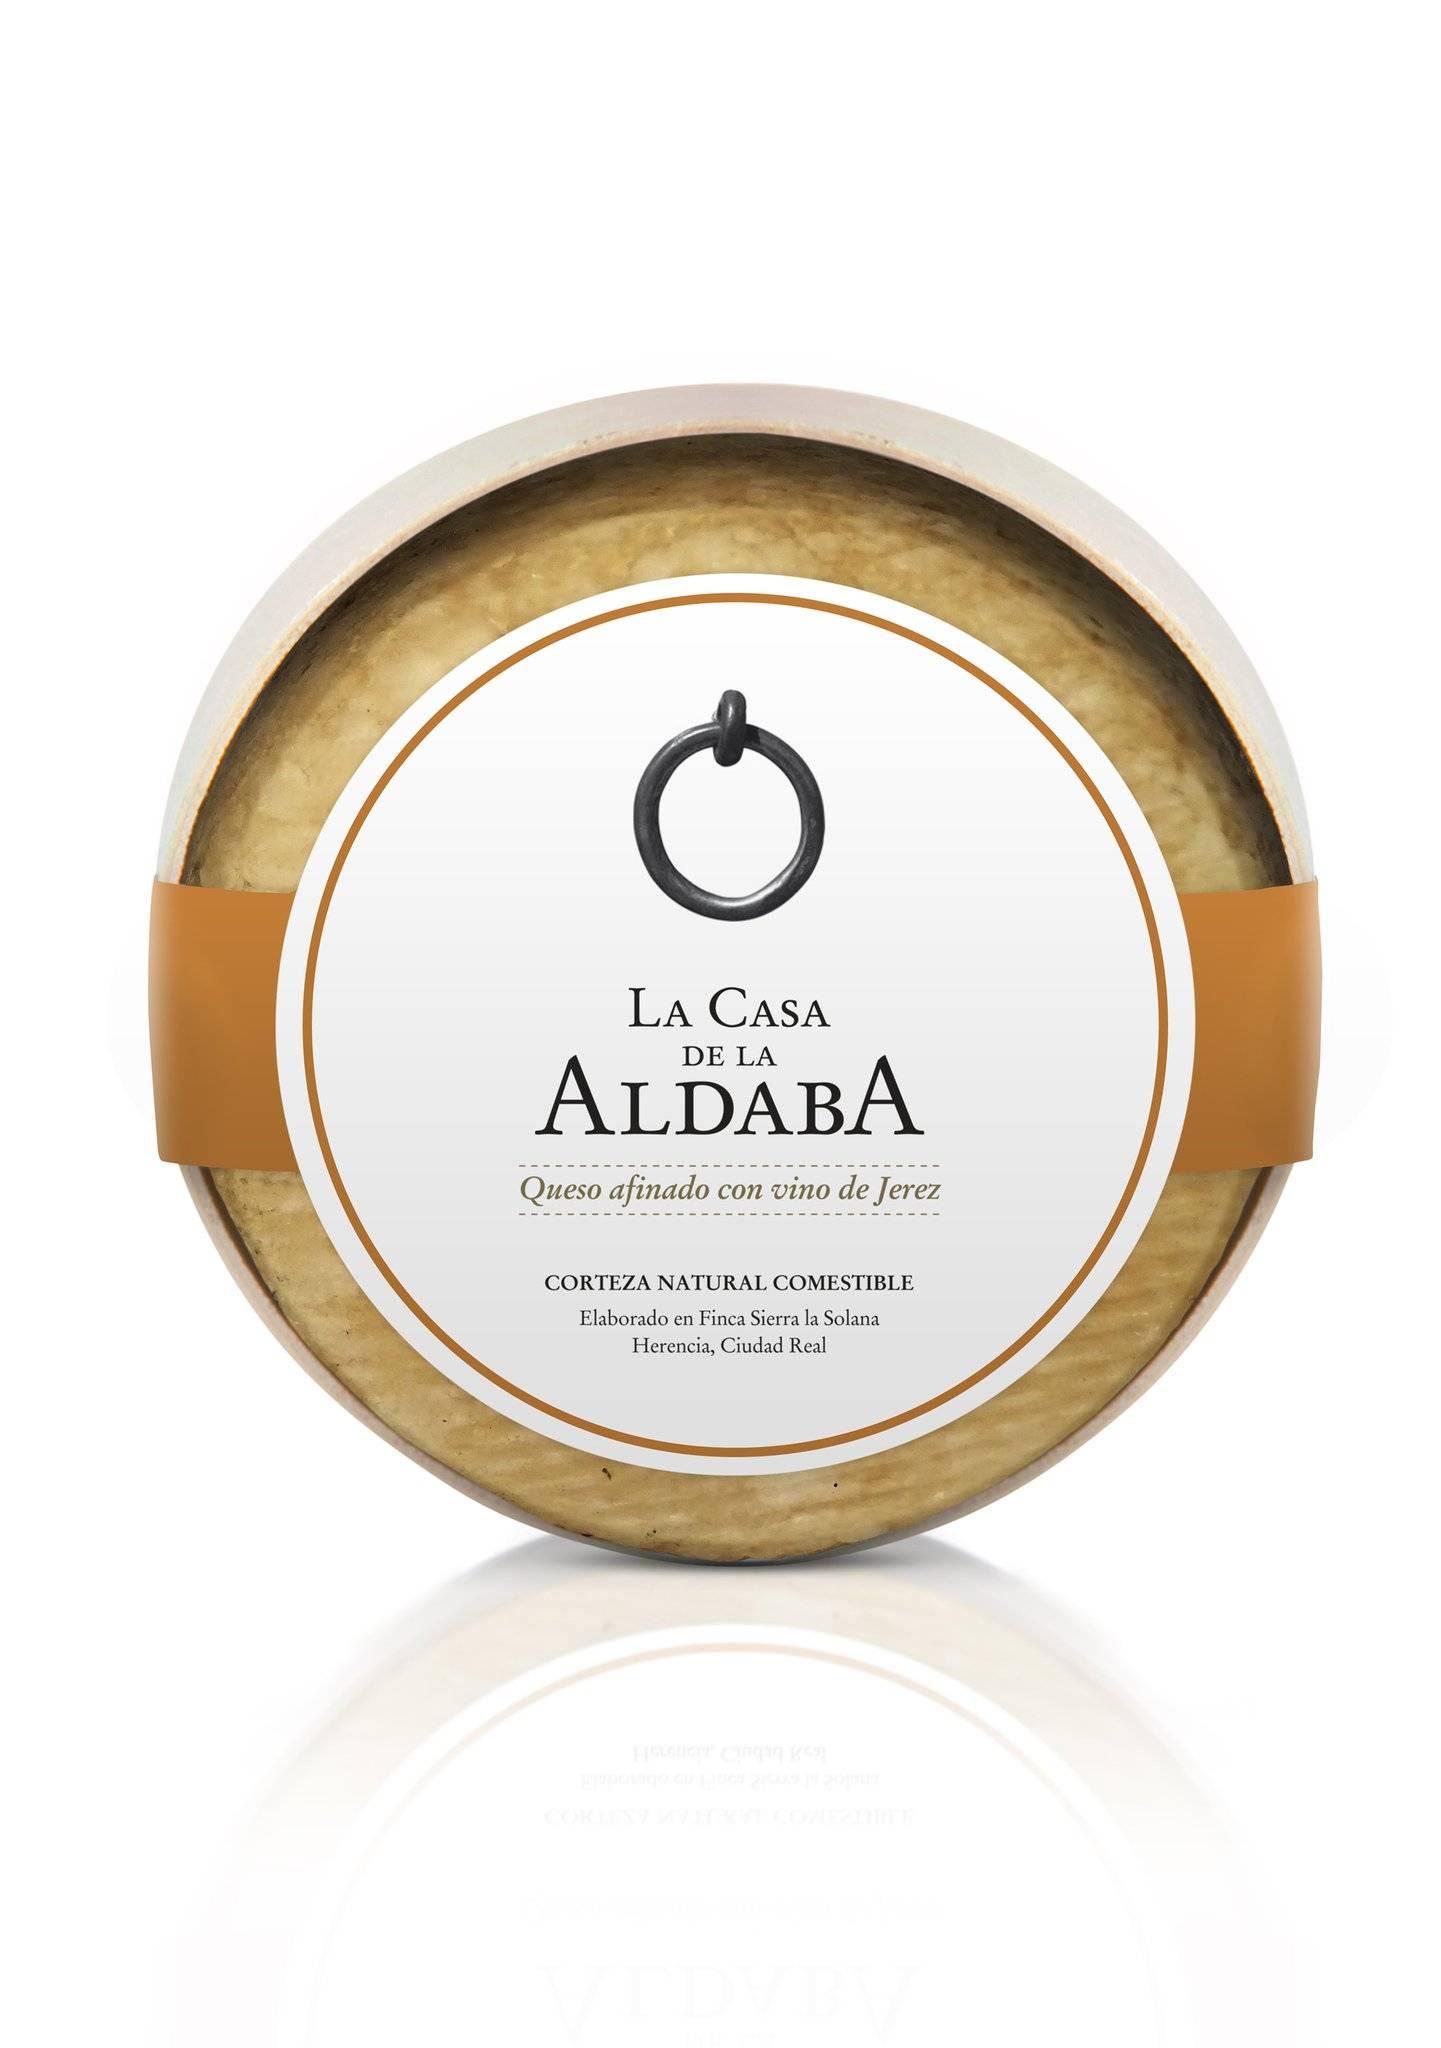 Queso afinado con vino de Jeréz - La casa de la Aldaba